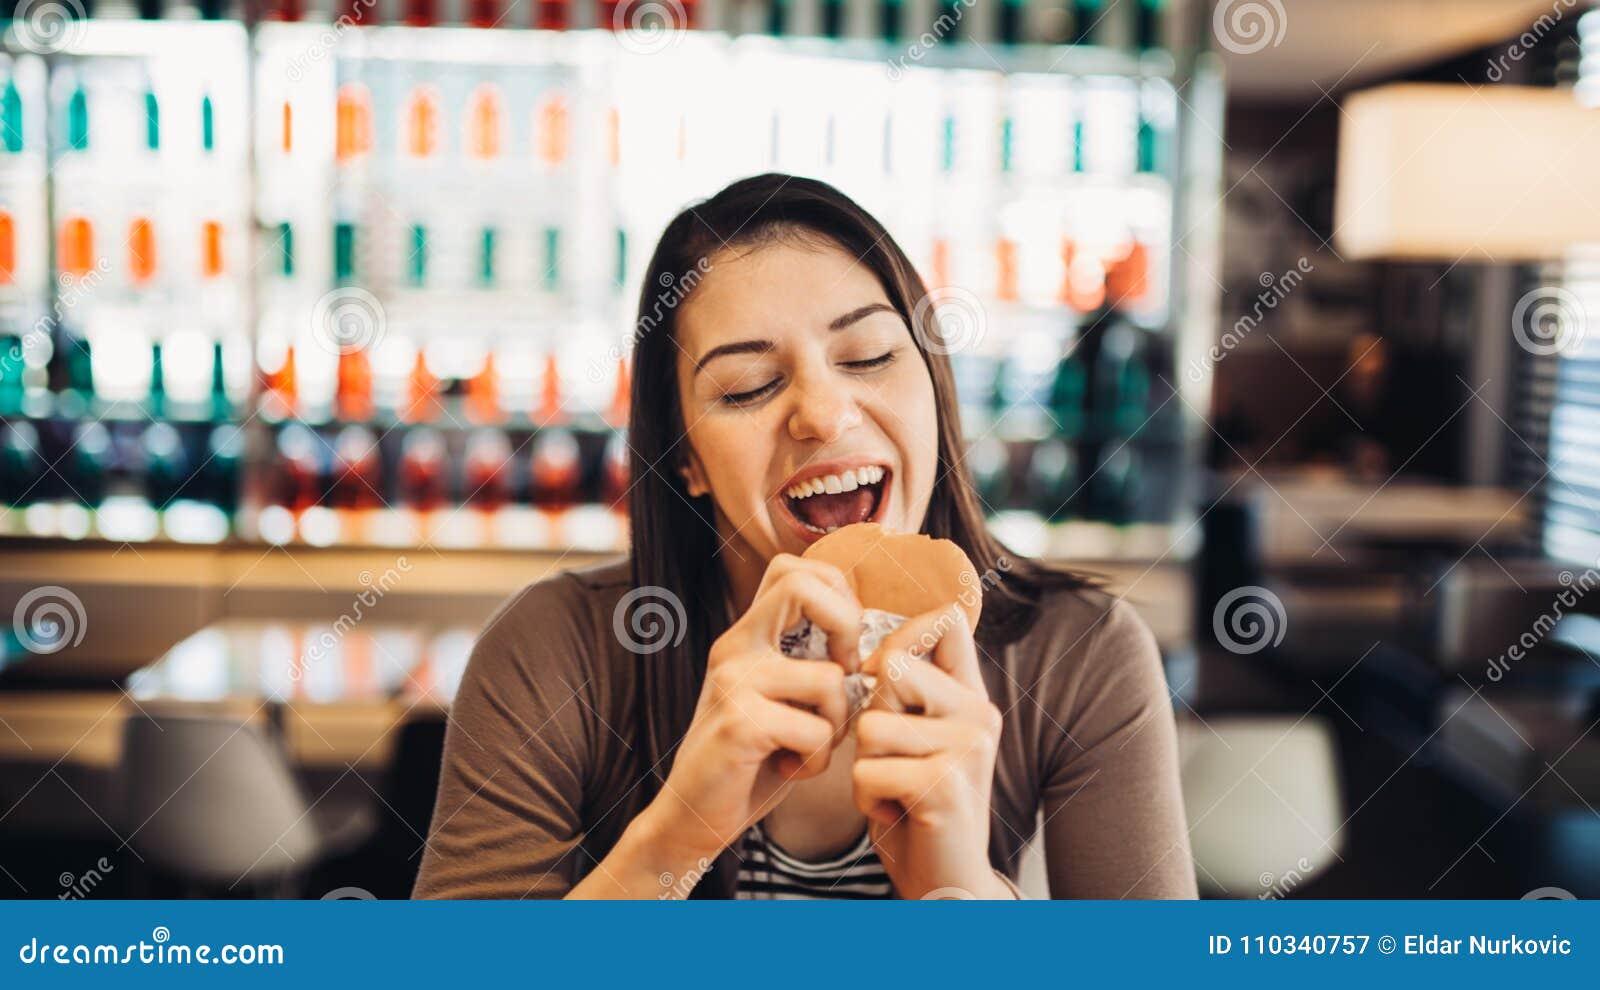 Молодая женщина есть наварный гамбургер Жаждая фаст-фуд Наслаждающся виновным удовольствием, есть высококалорийную вредную пищу У